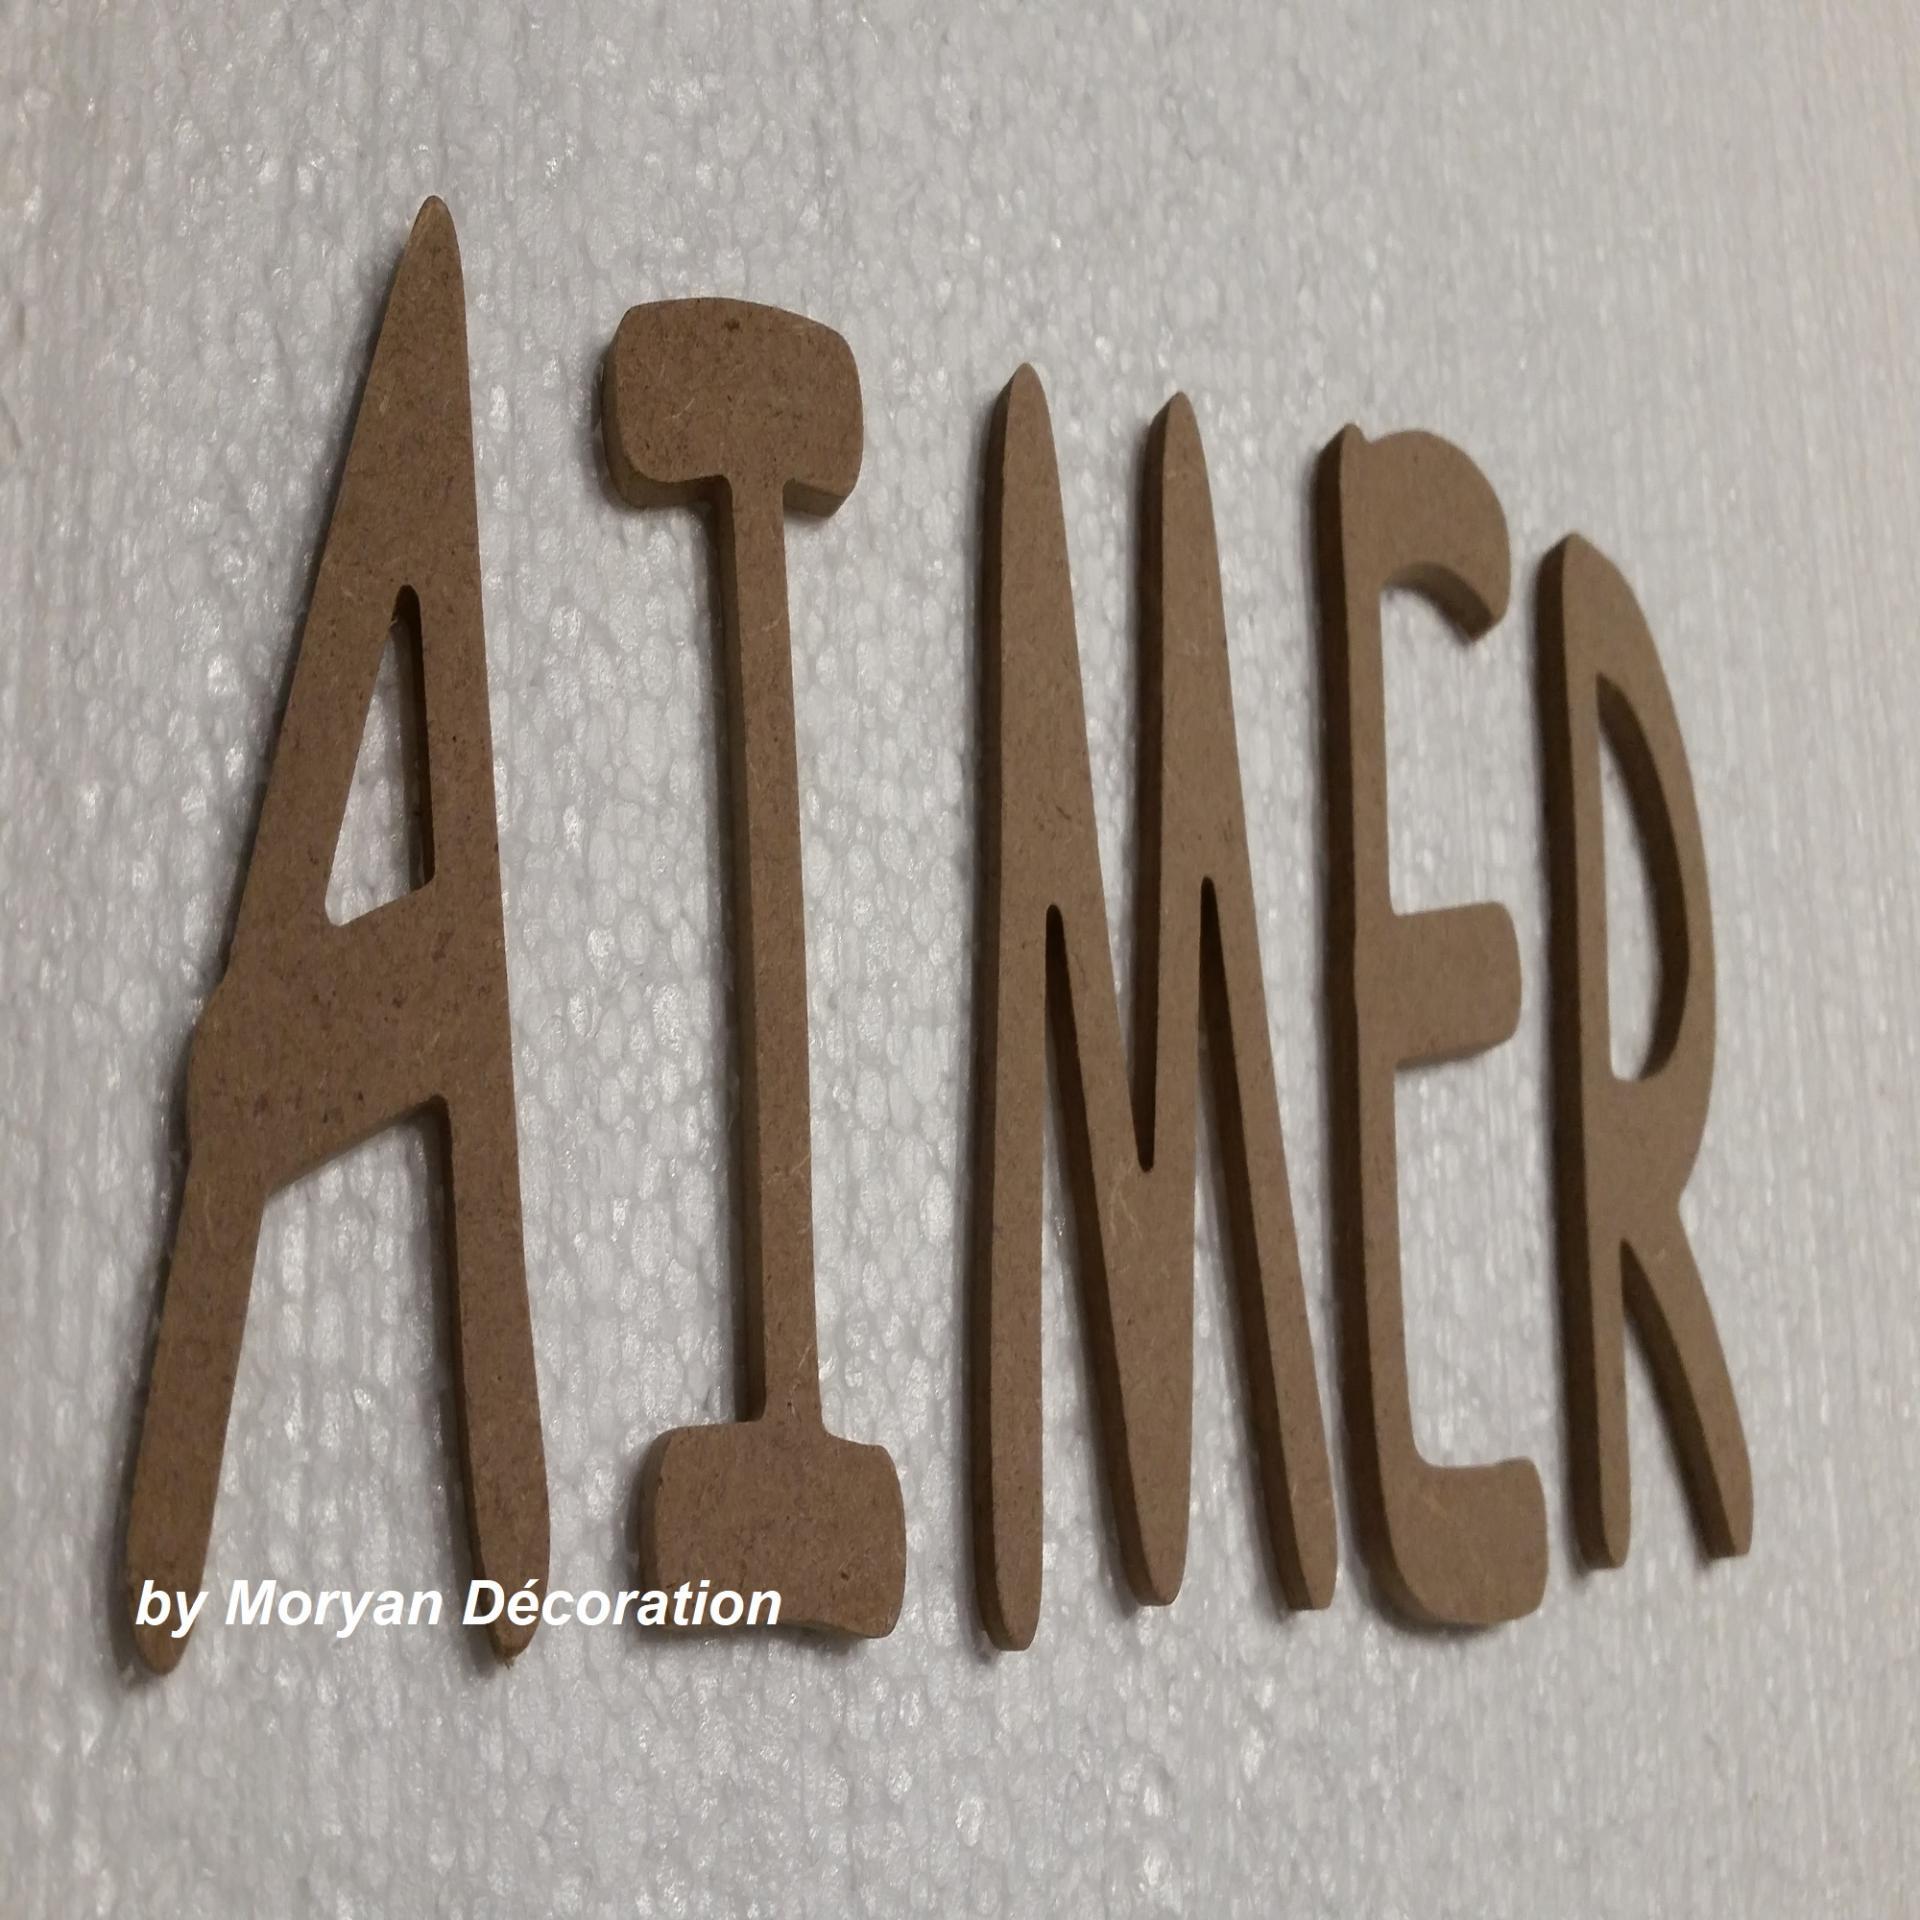 Lettres decoratives en bois a peindre ou a decorer aimer